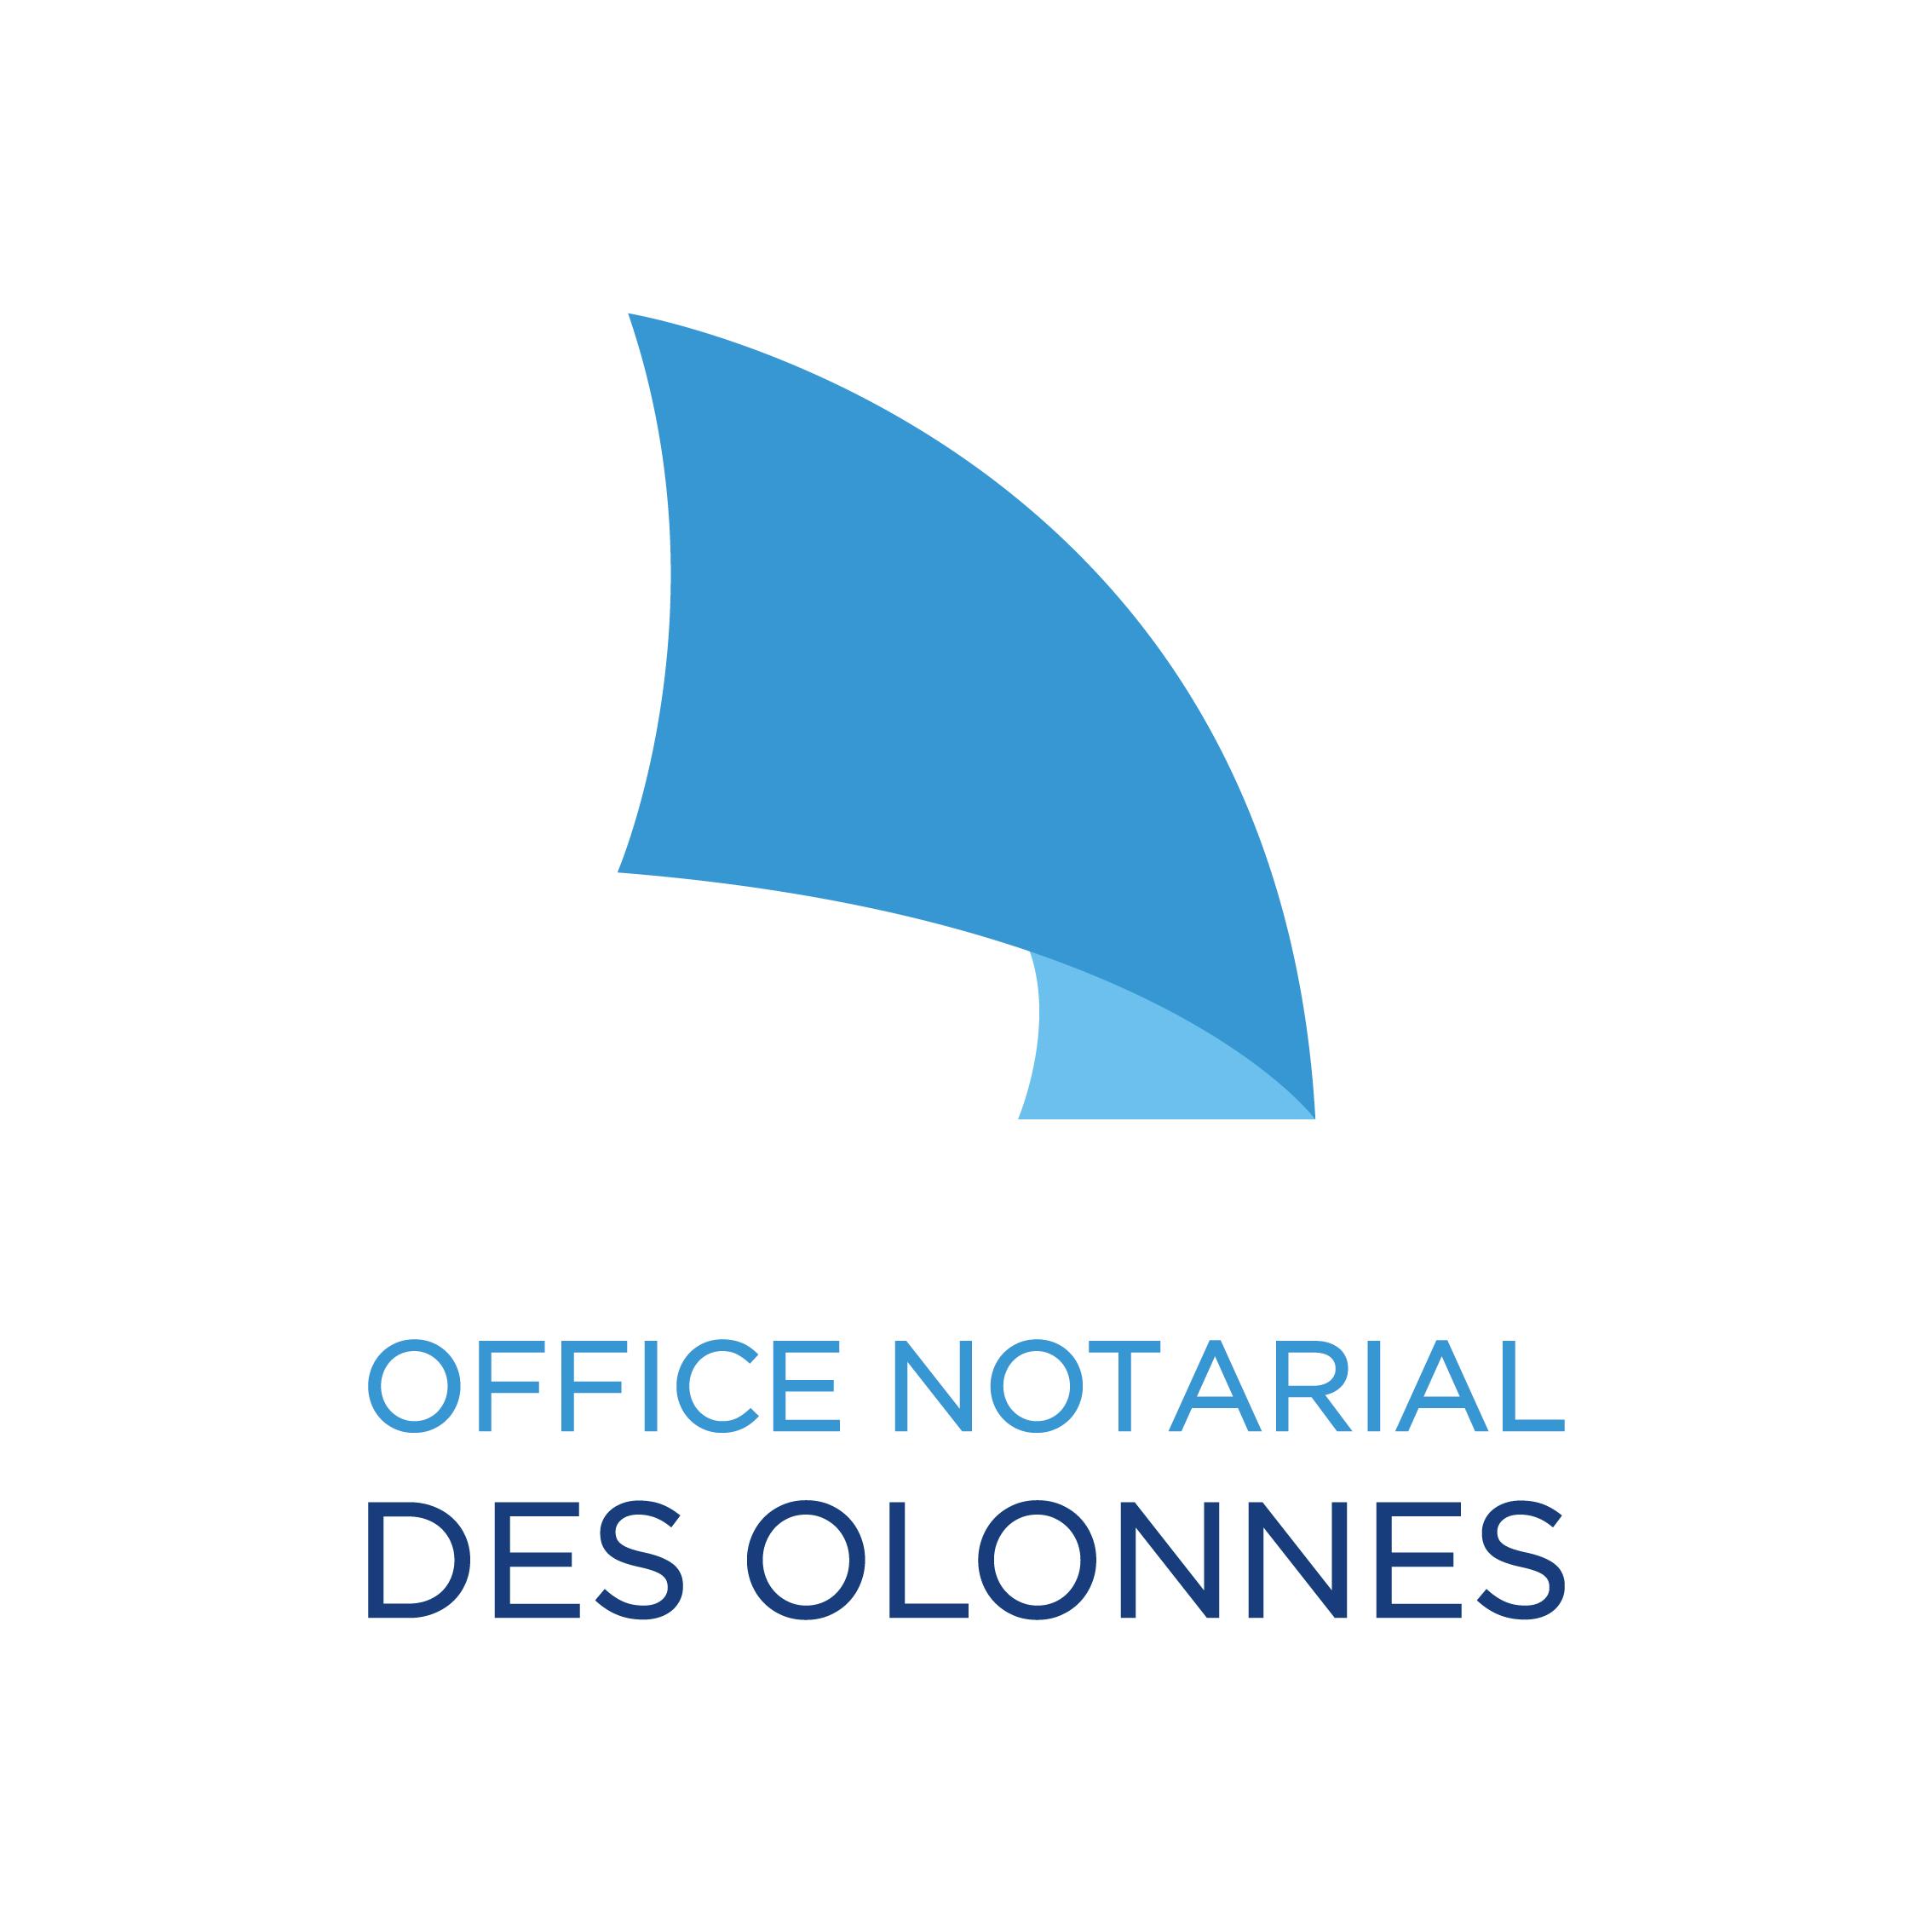 Notaire chateau d 39 olonne 85 office notarial de notaires des olonnes - Office notarial ile d yeu ...